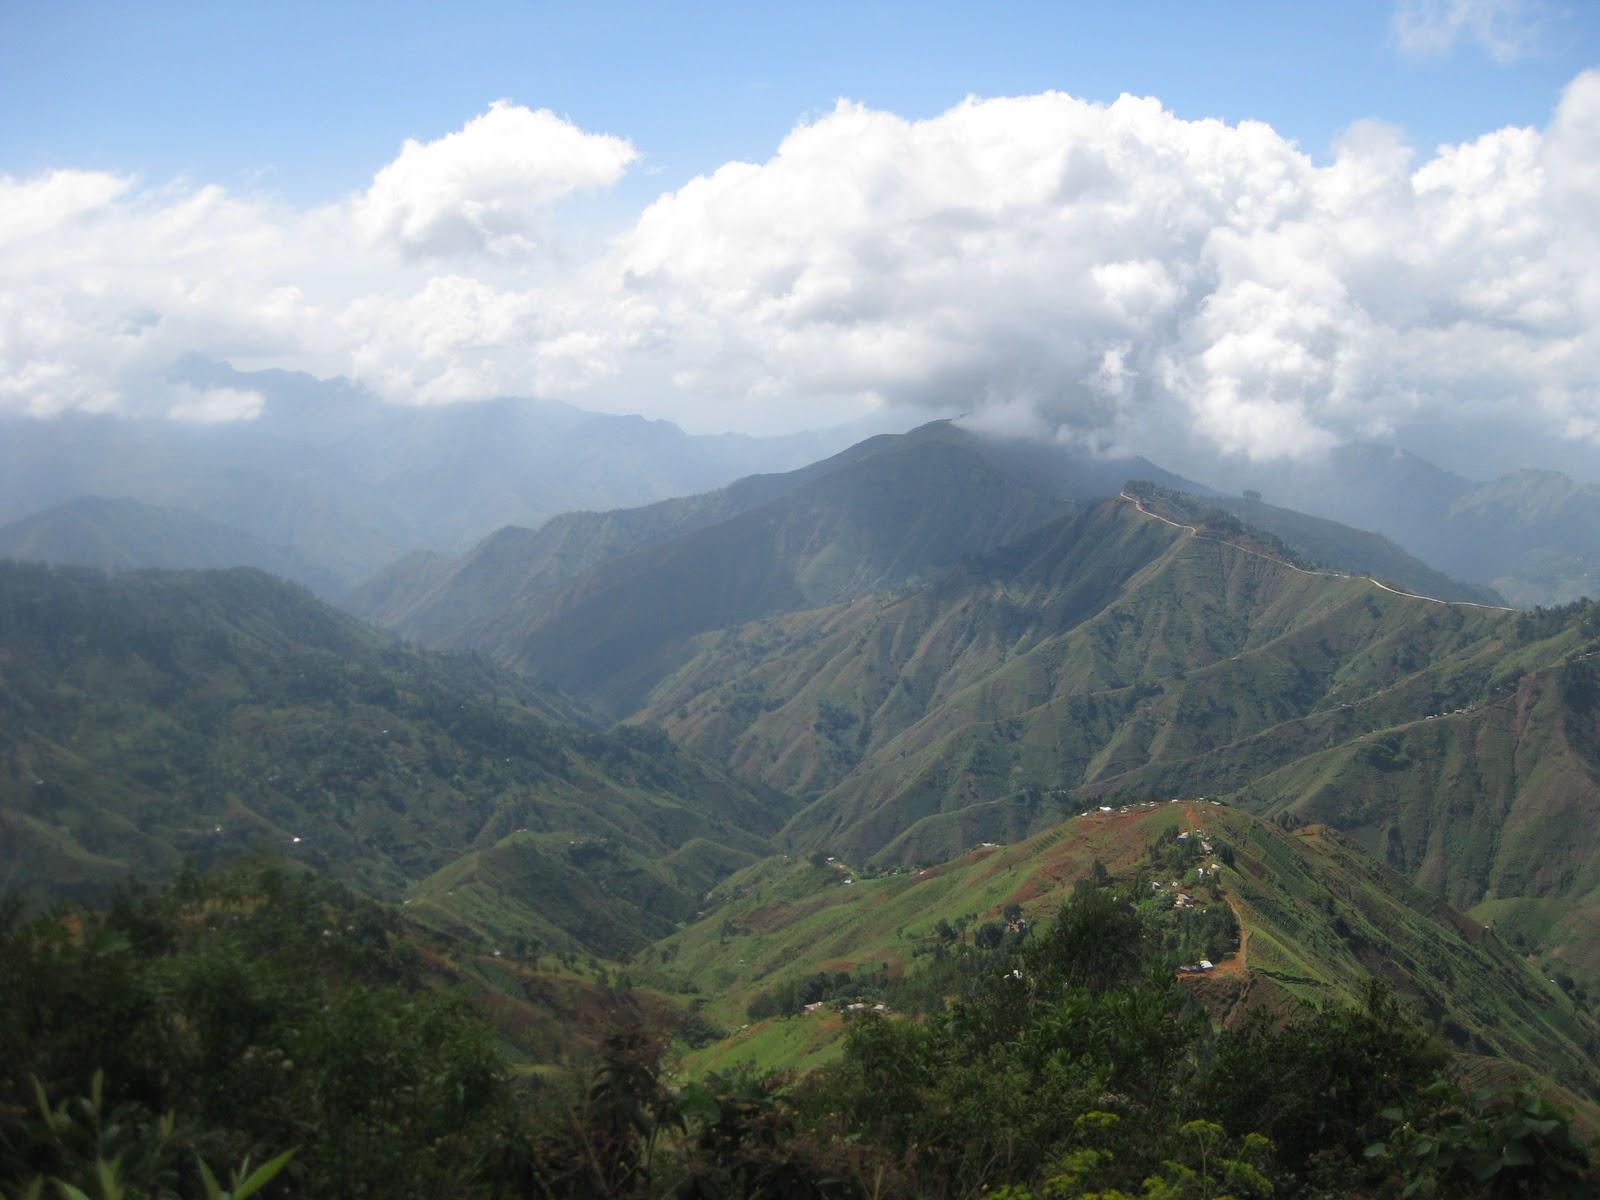 essays on mountains beyond mountains